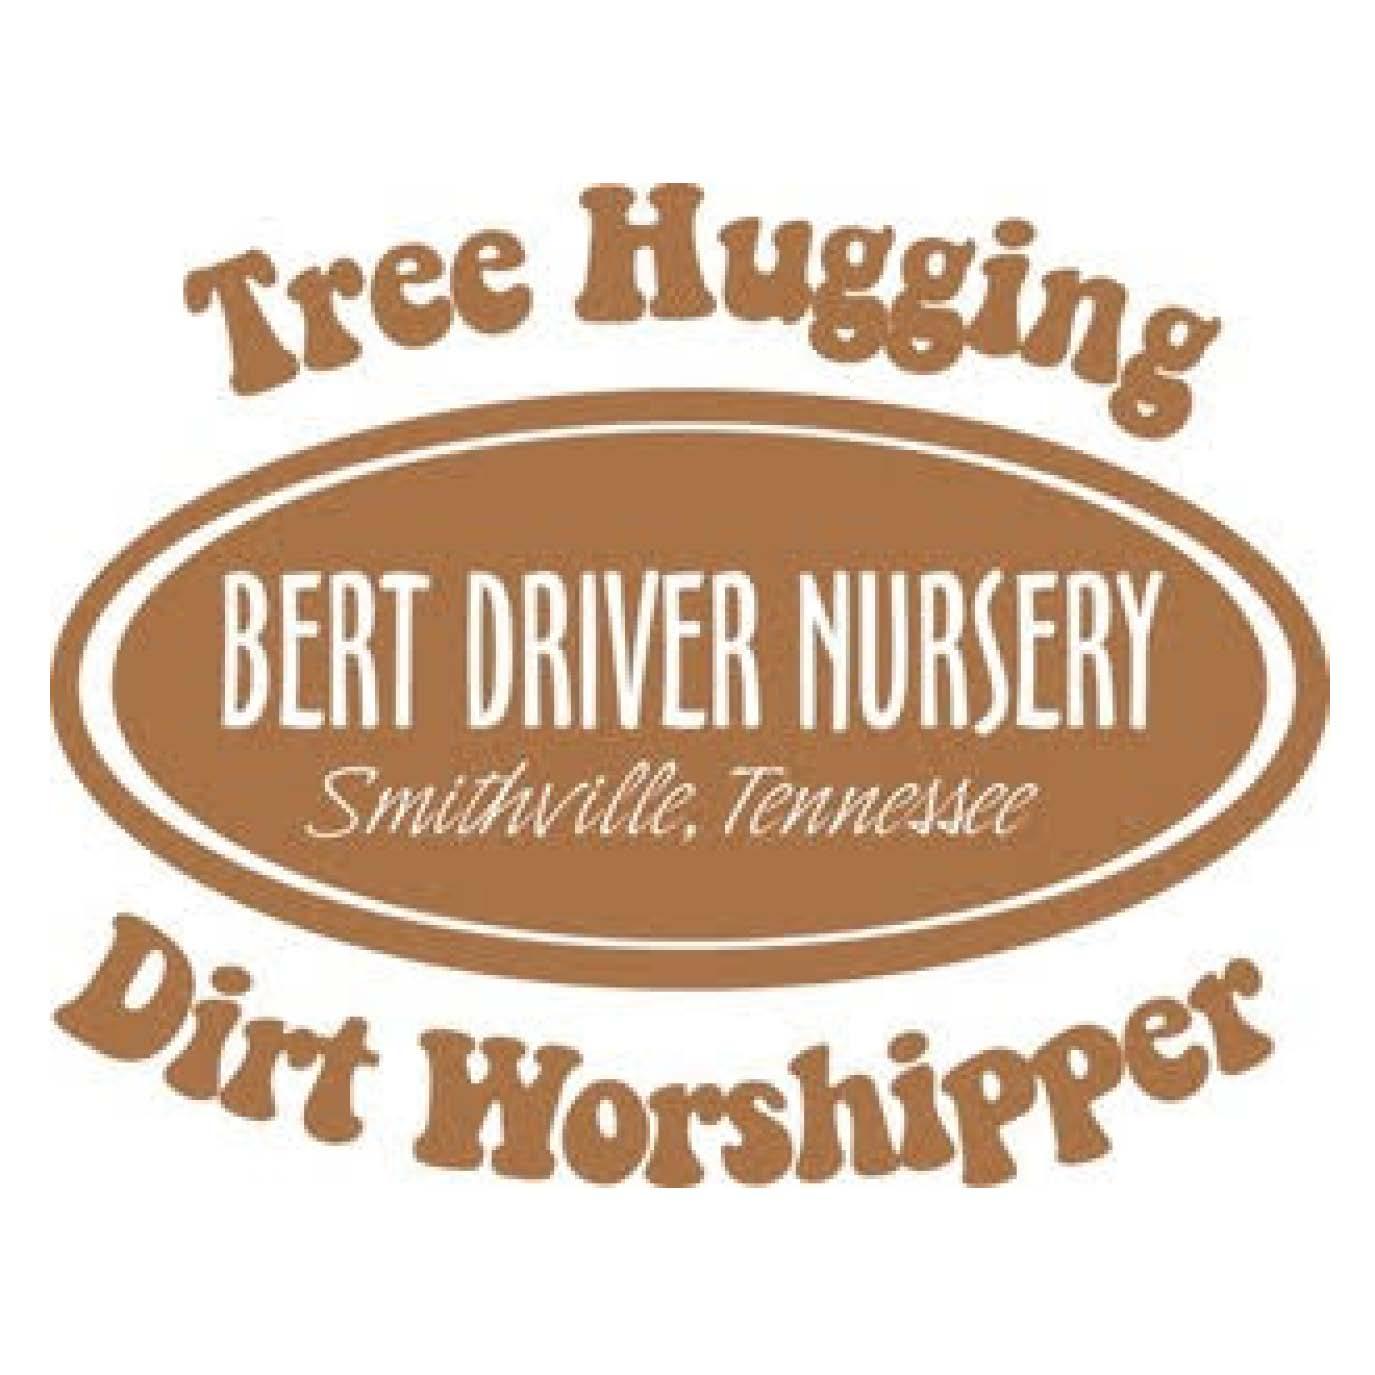 Bert Driver Nursery -